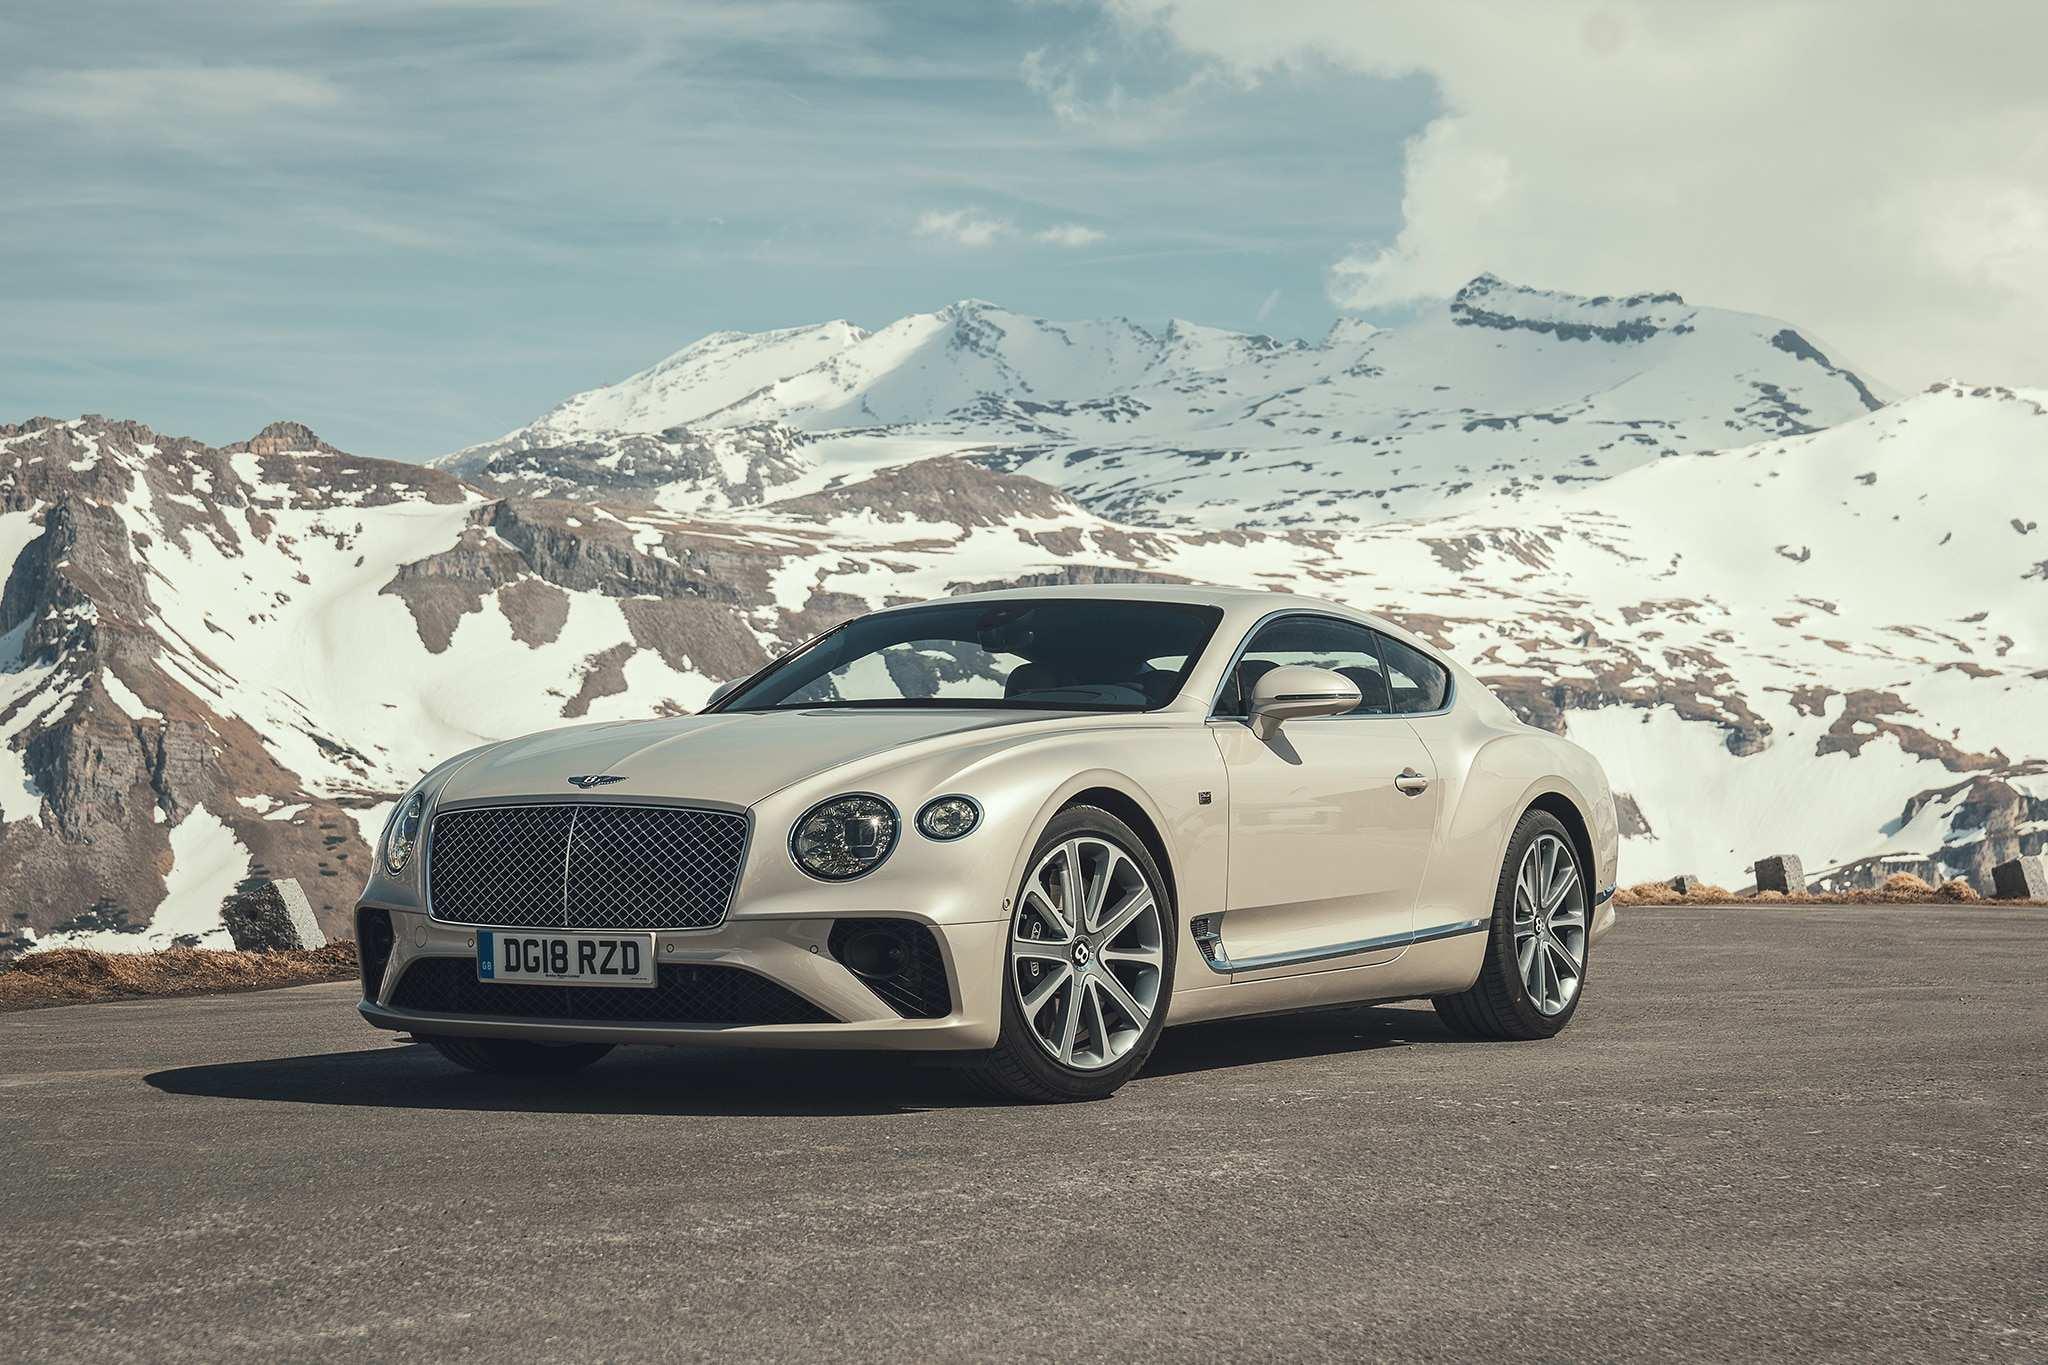 43 All New 2019 Bentley Gt Release for 2019 Bentley Gt